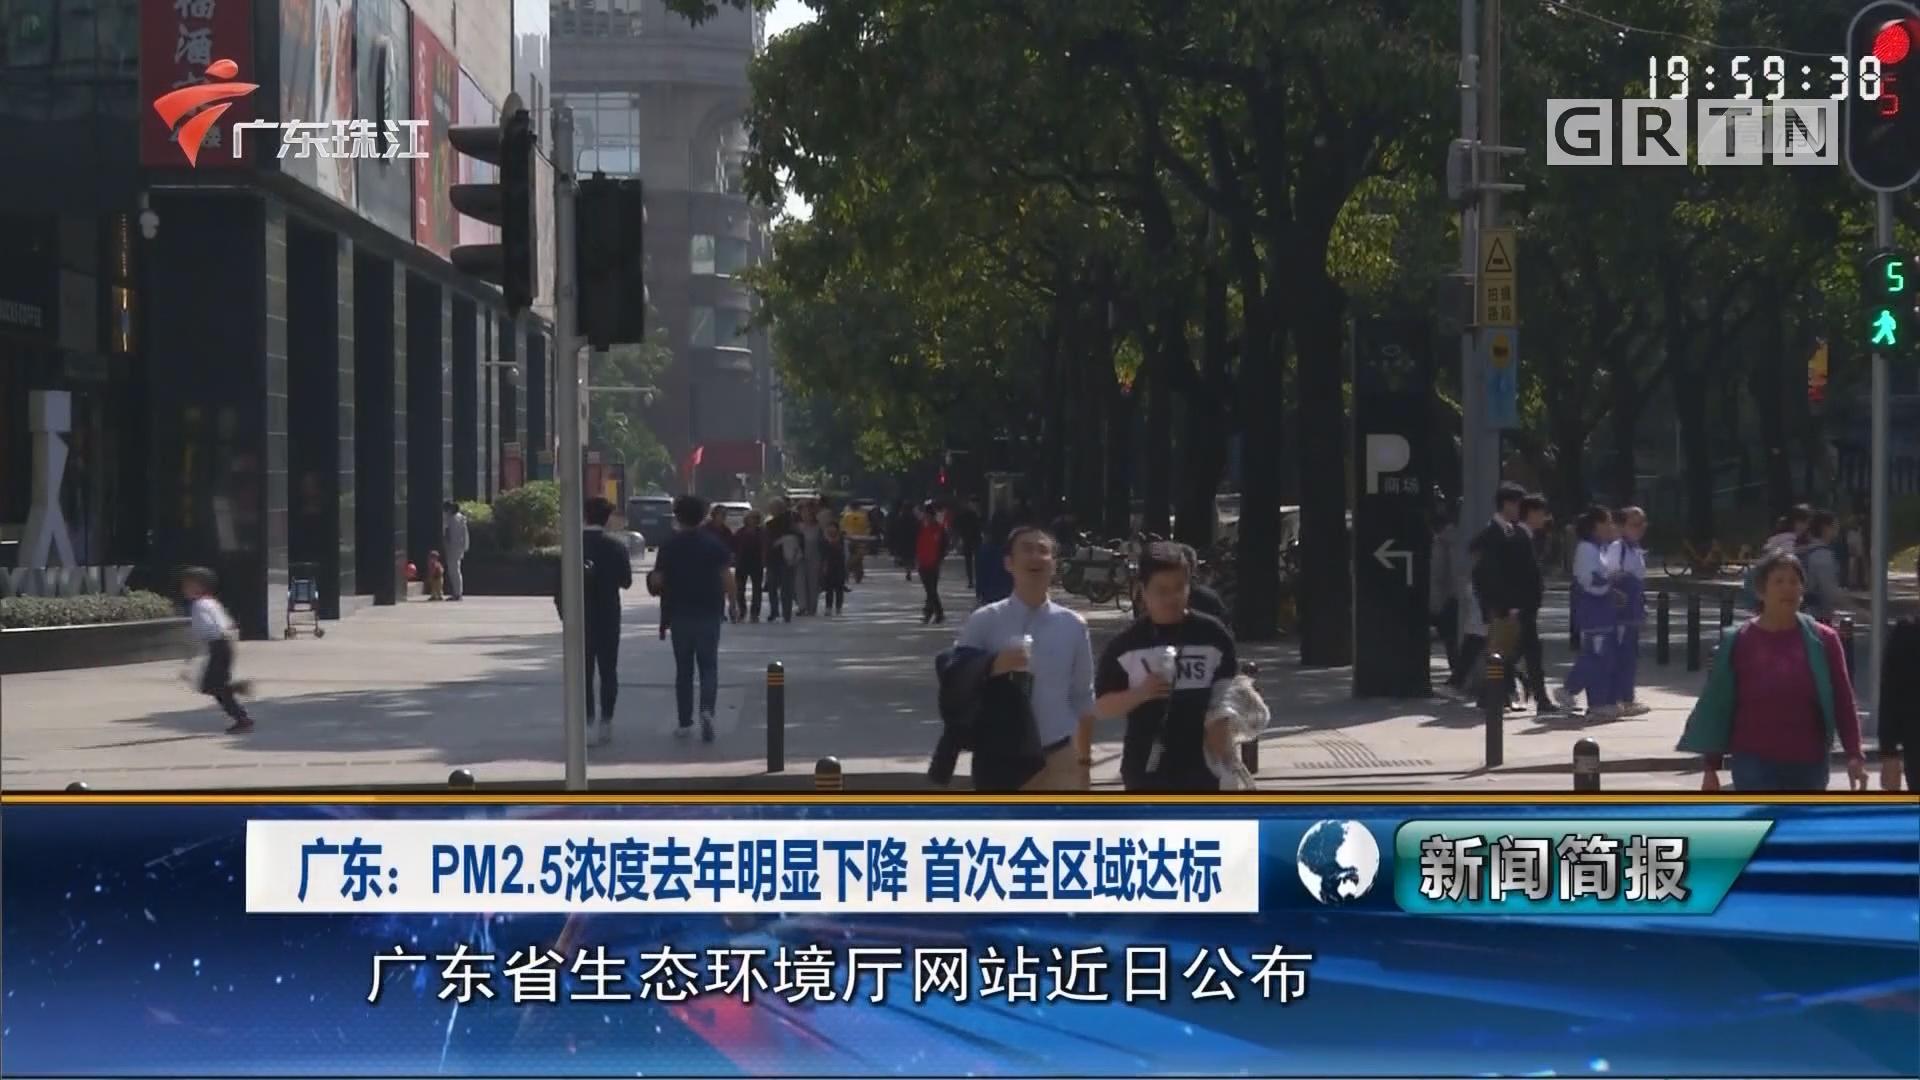 广东:PM2.5浓度去年明显下降 首次全区域达标